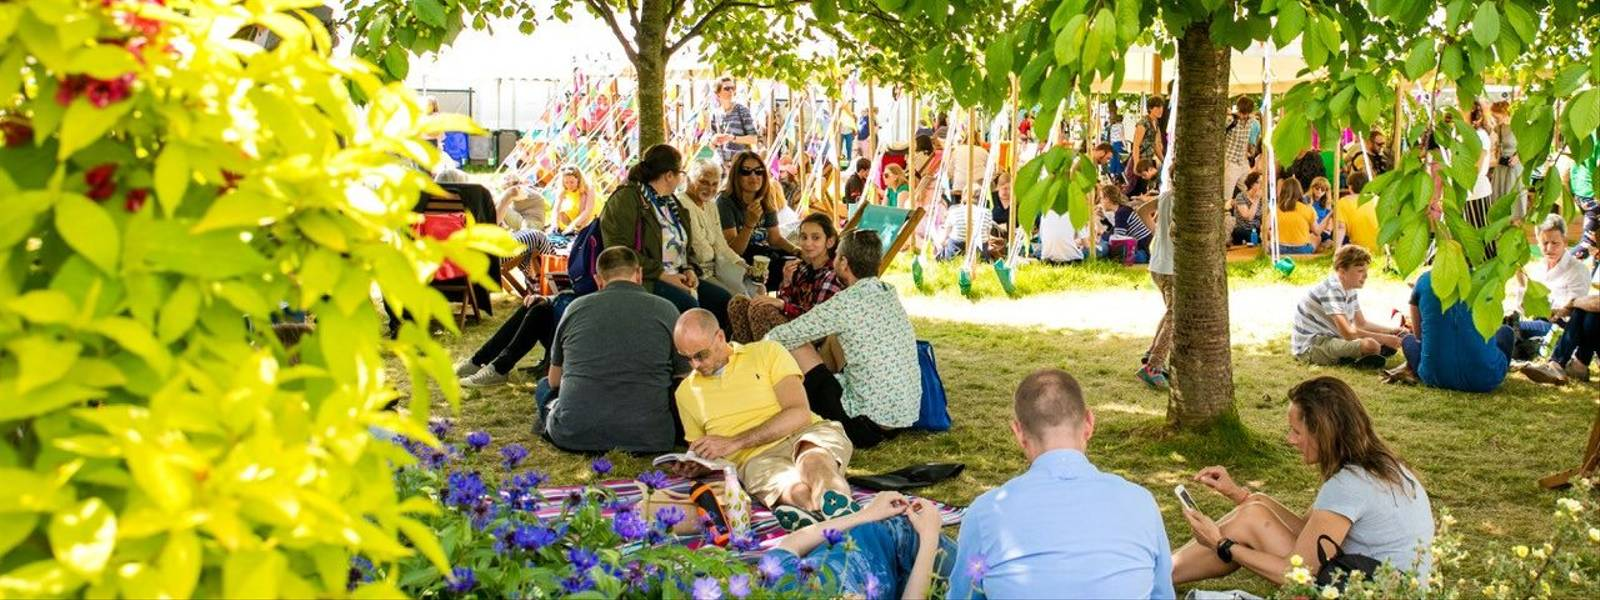 Hay_Festival_People_Reading.jpg